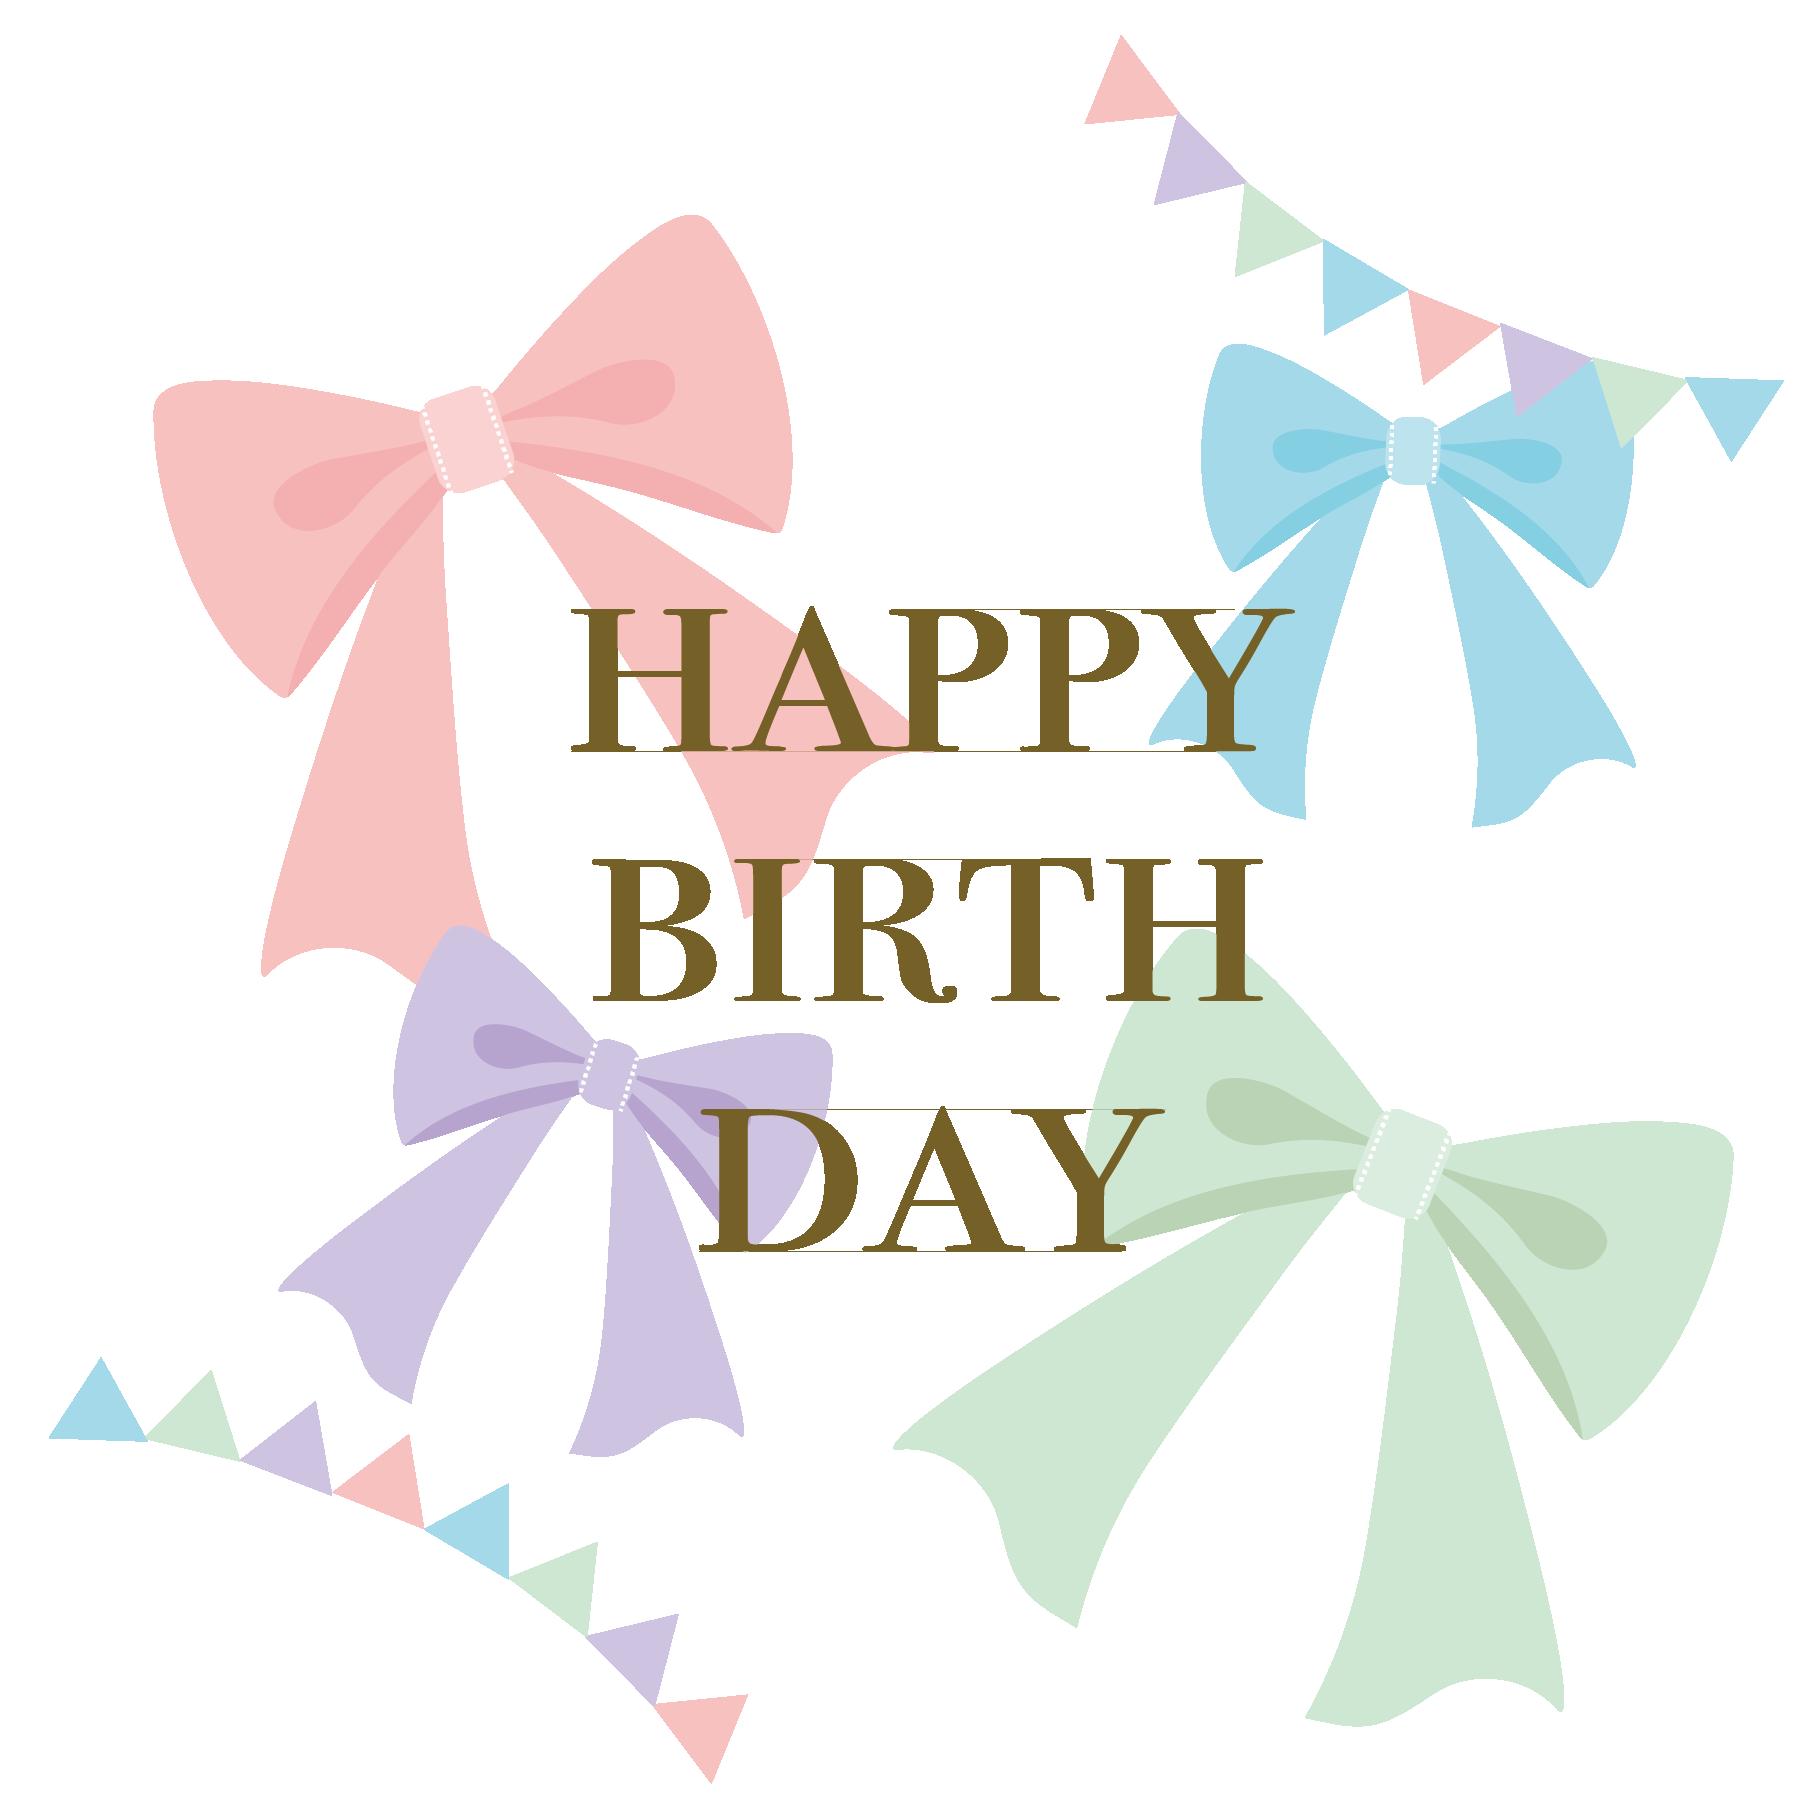 かわいいhappy Birth Dayロゴとリボン イラスト誕生日 商用